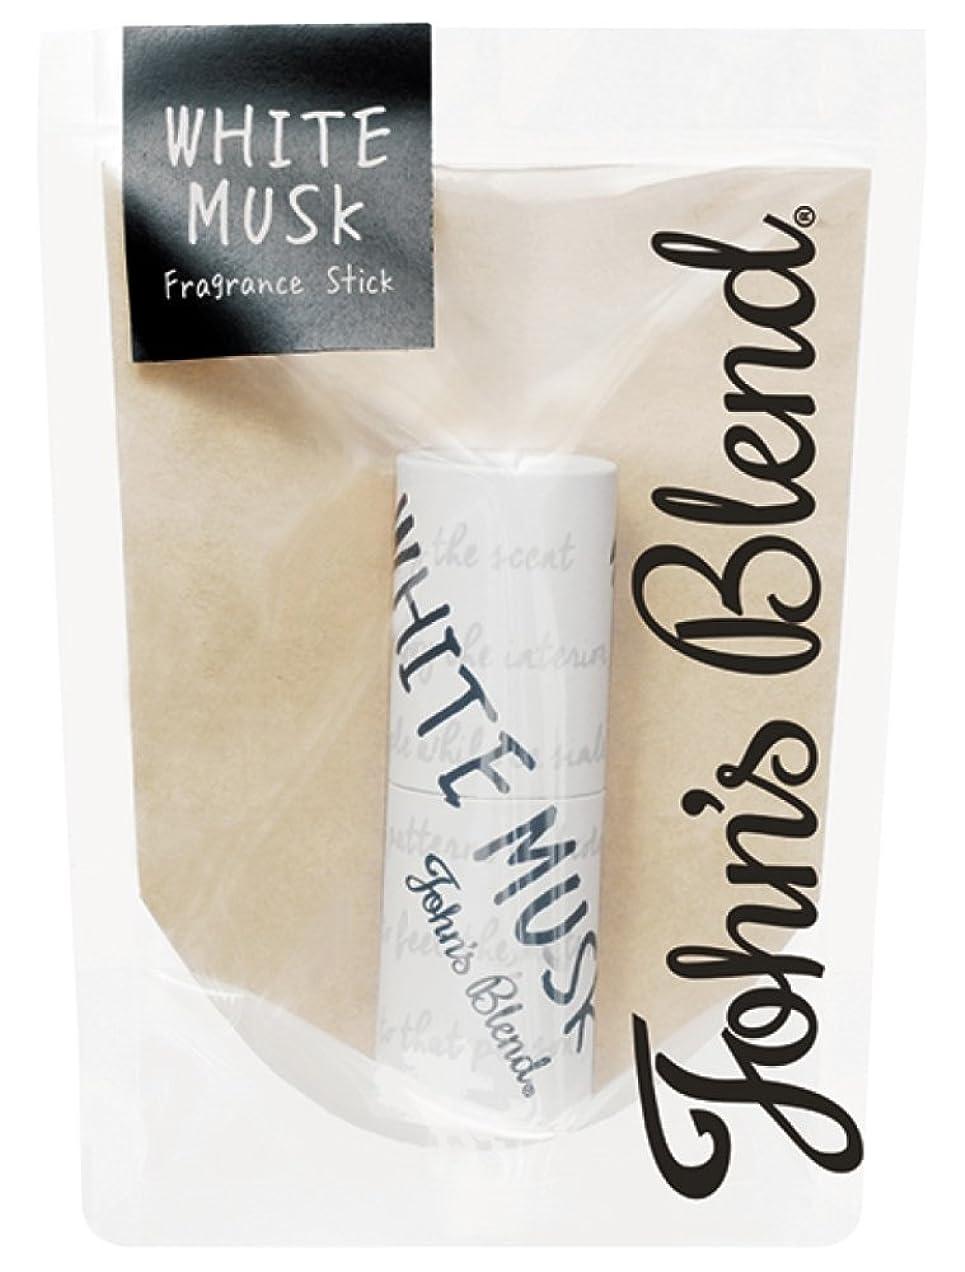 数ミシン目付き添い人ノルコーポレーション John's Blend 練り香水 フレグランススティック OZ-JOD-3-1 ホワイトムスクの香り 3.5g